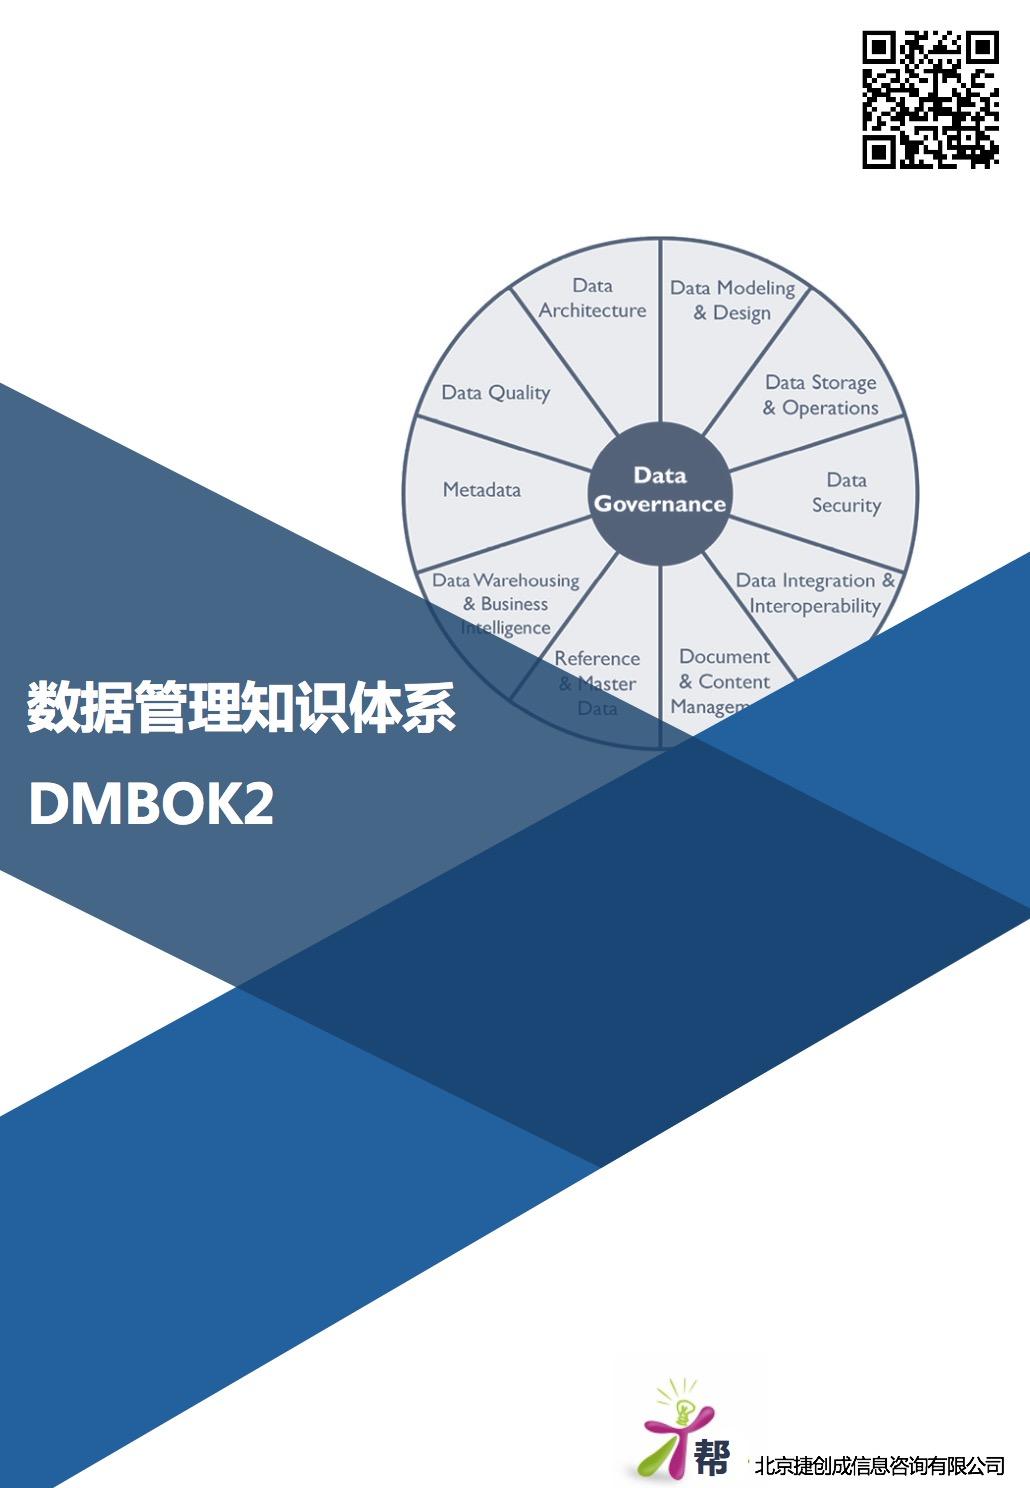 DMBOK公开课讲义封面